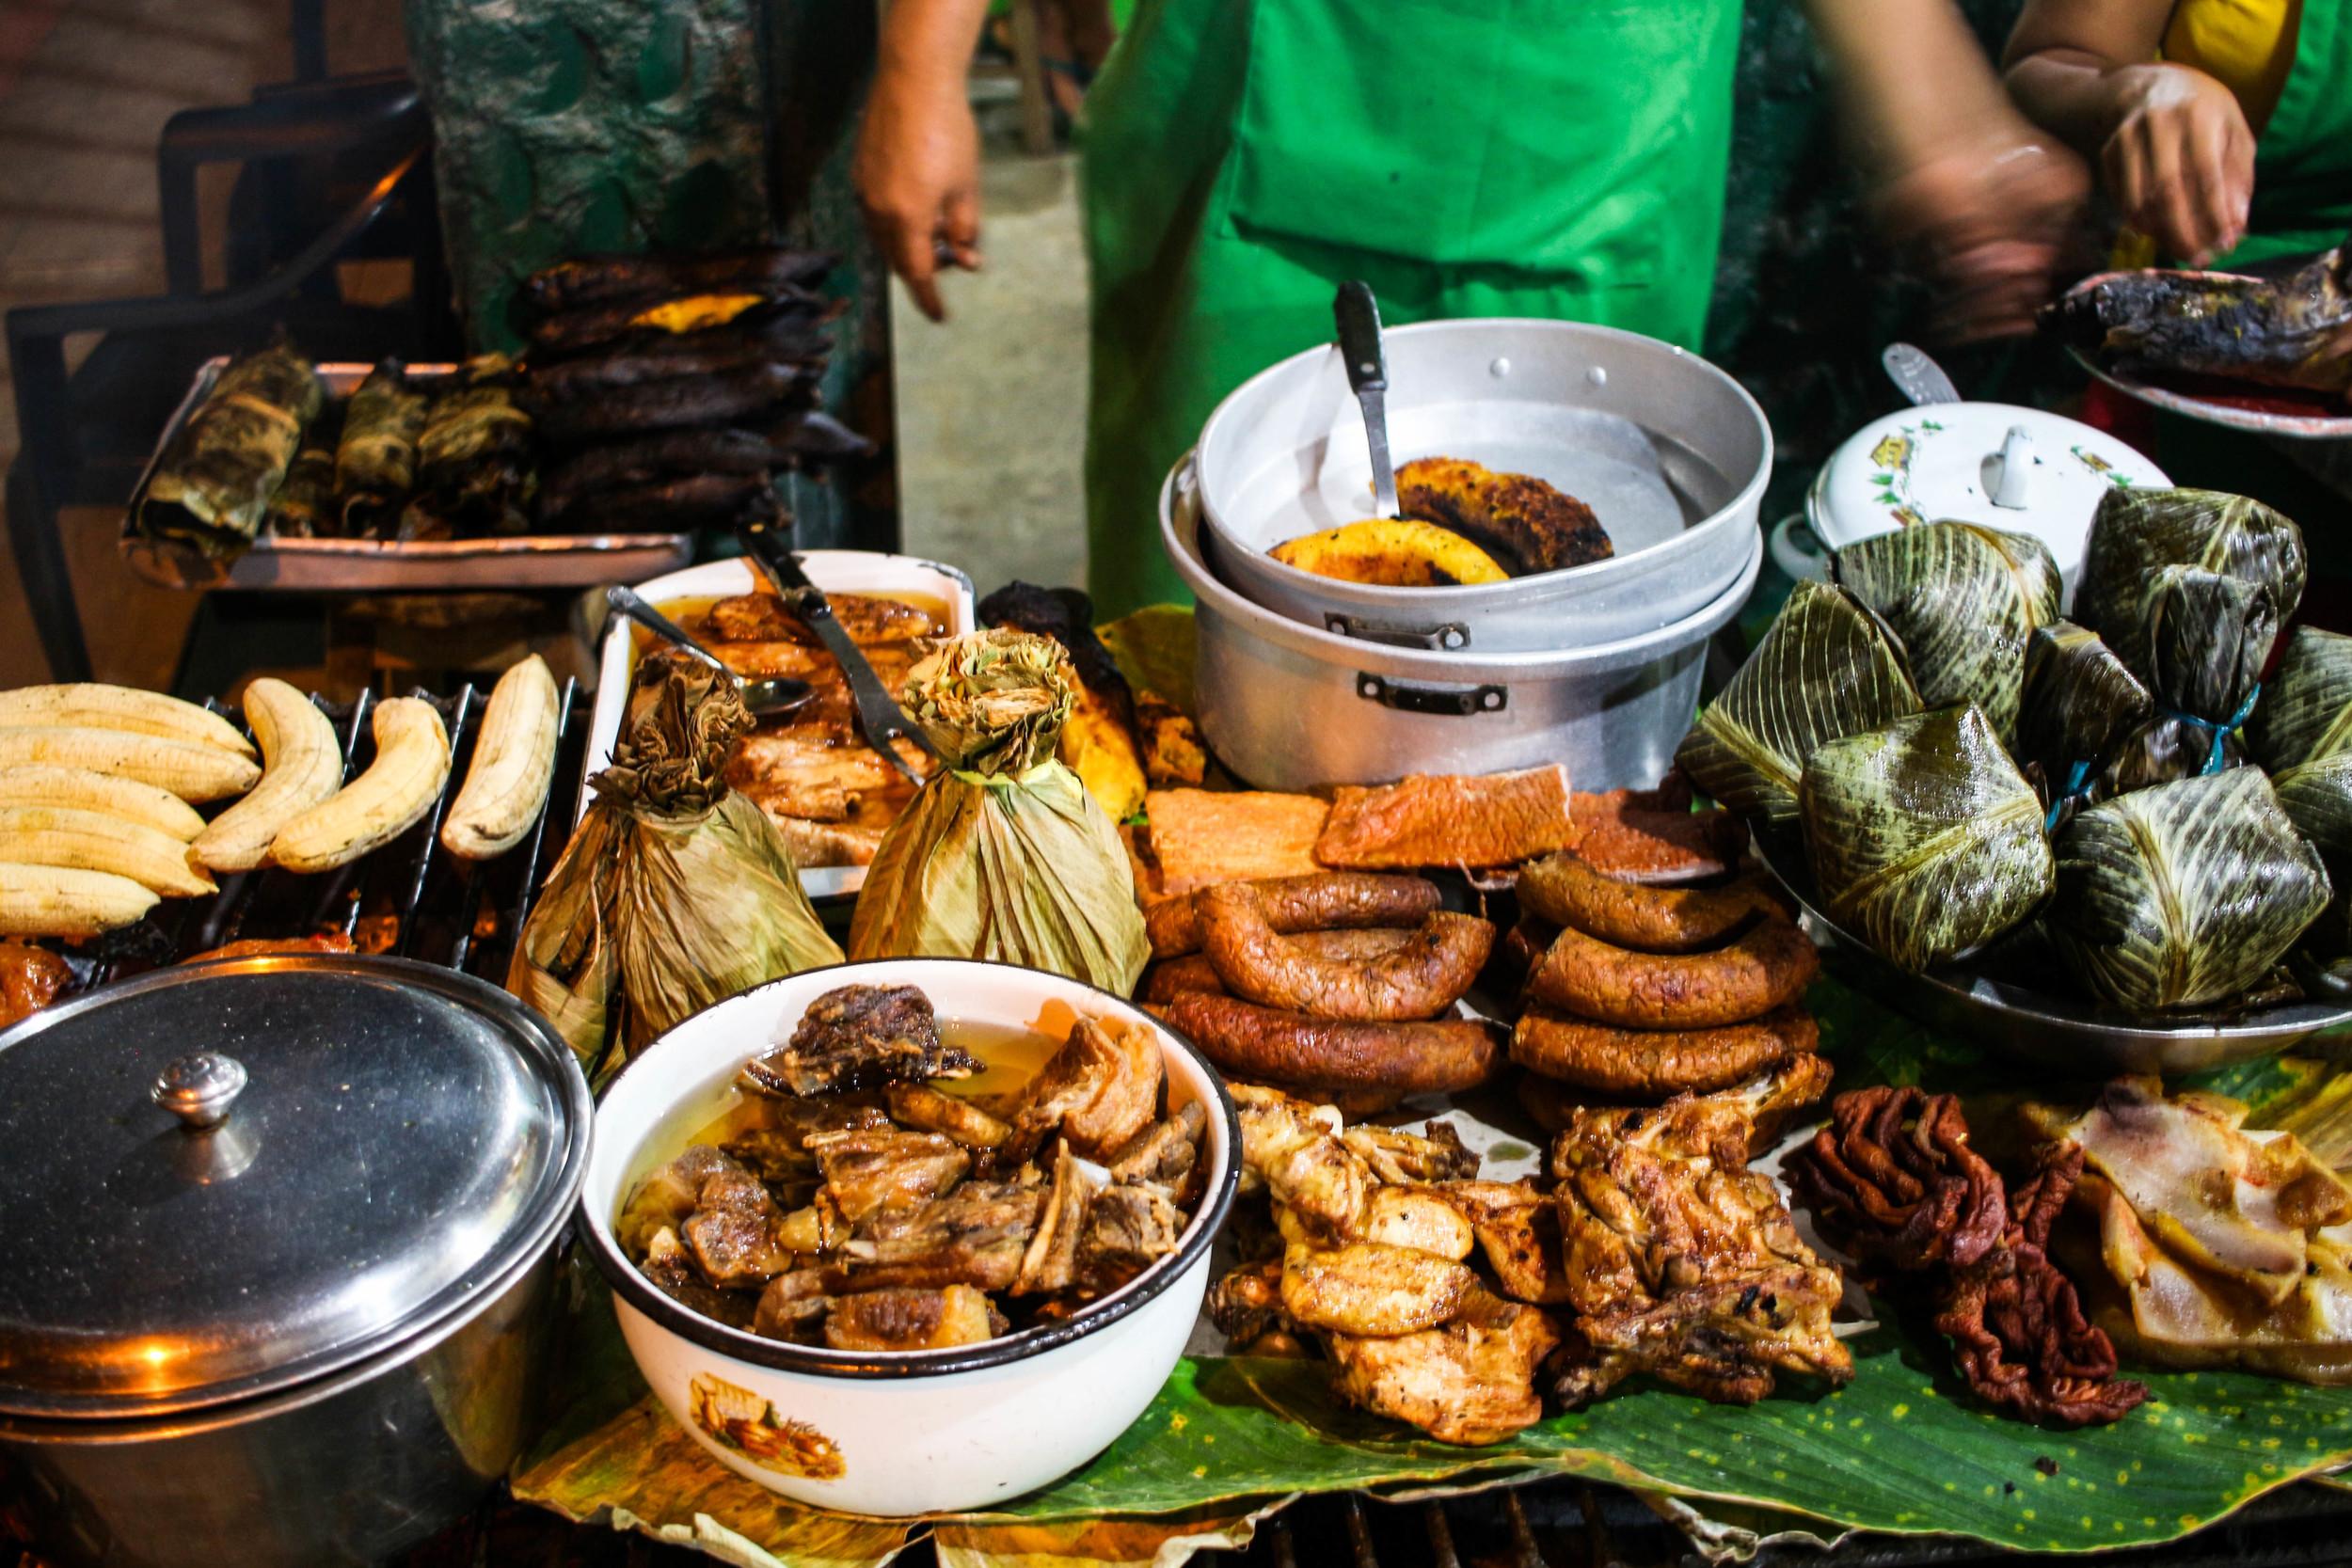 Restaurant in Tarapoto, Peru serving up a jungle feast.